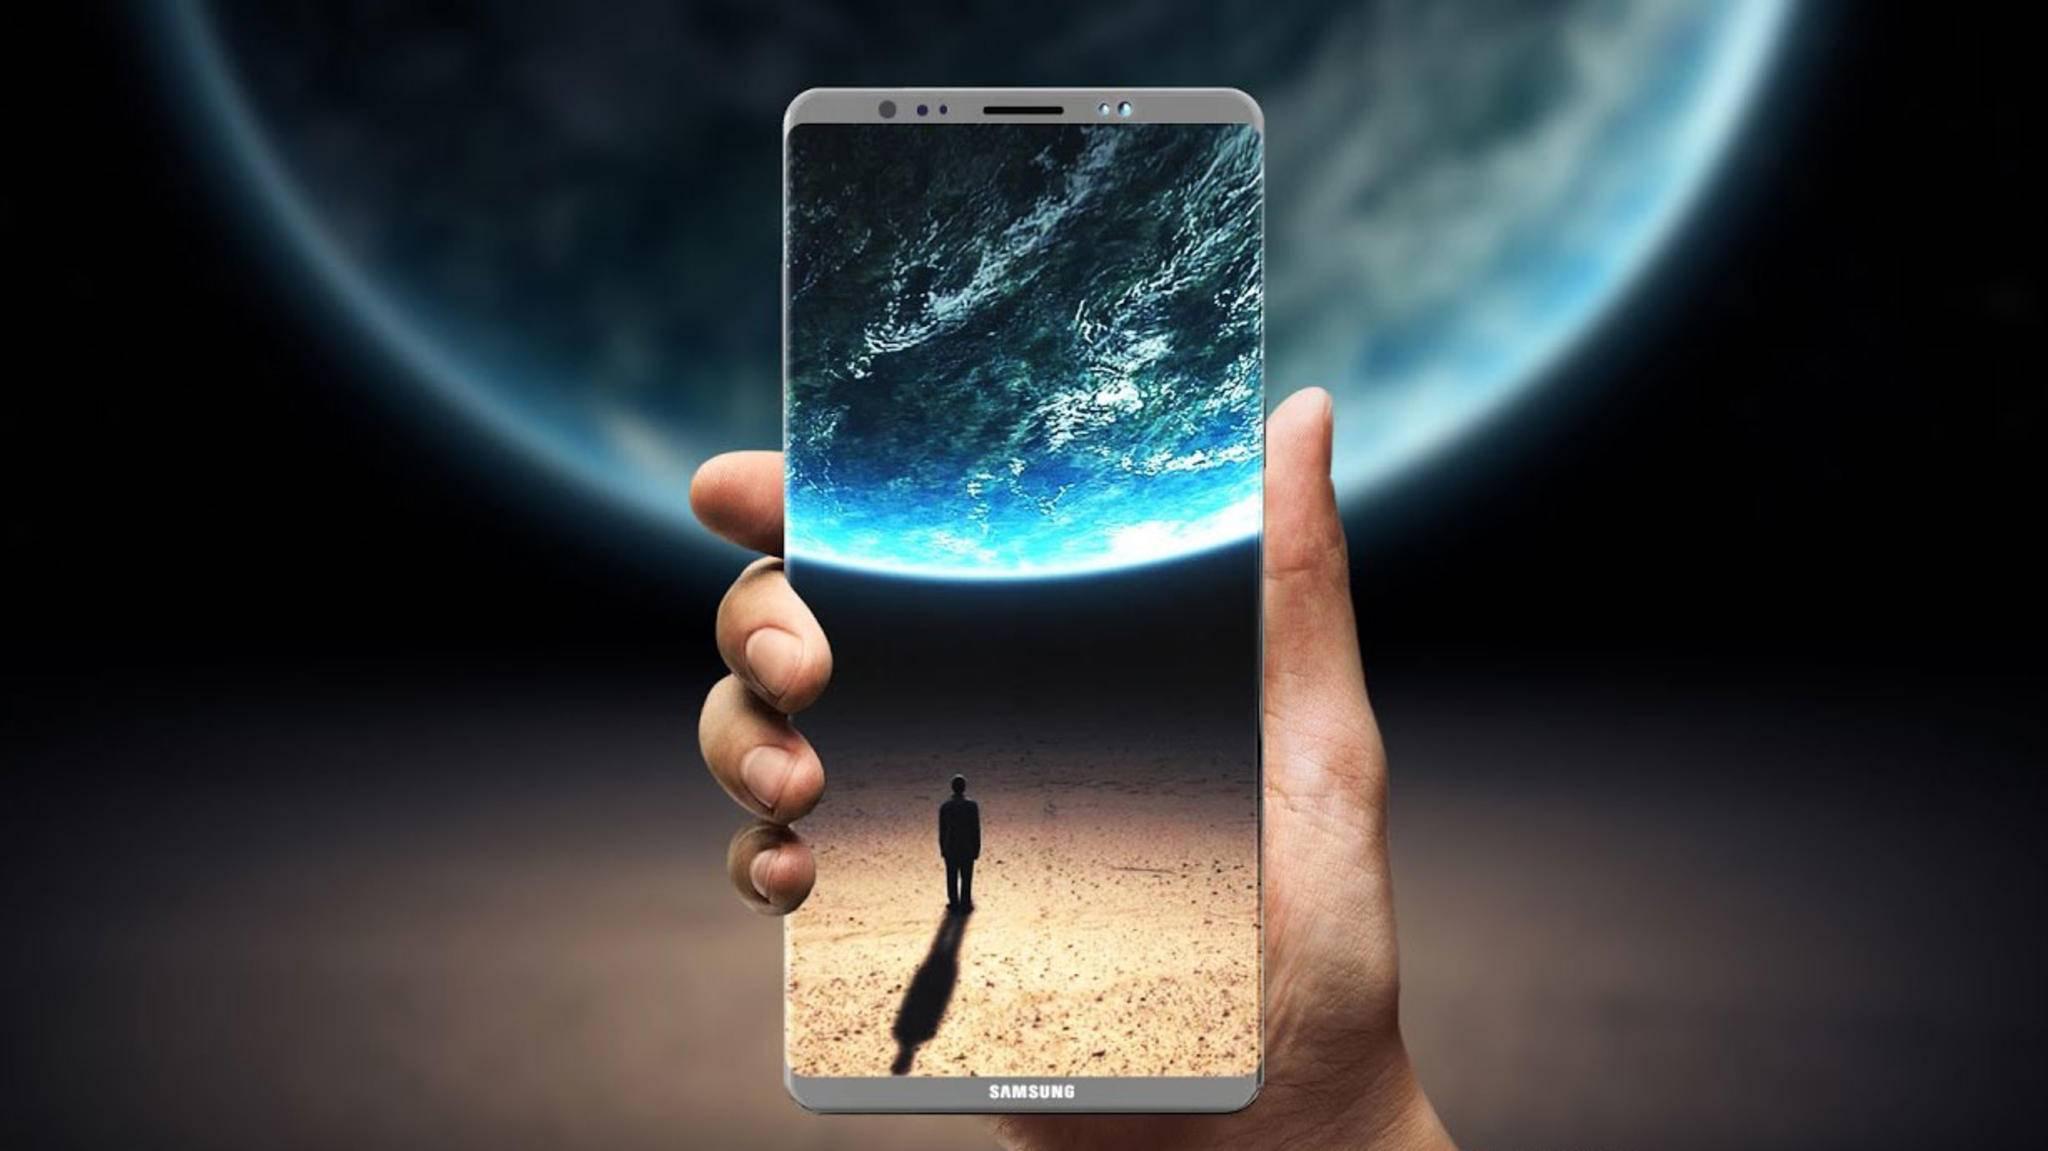 Hinter dem Fingerabdrucksensor des Galaxy Note 8 steht noch ein Fragezeichen.